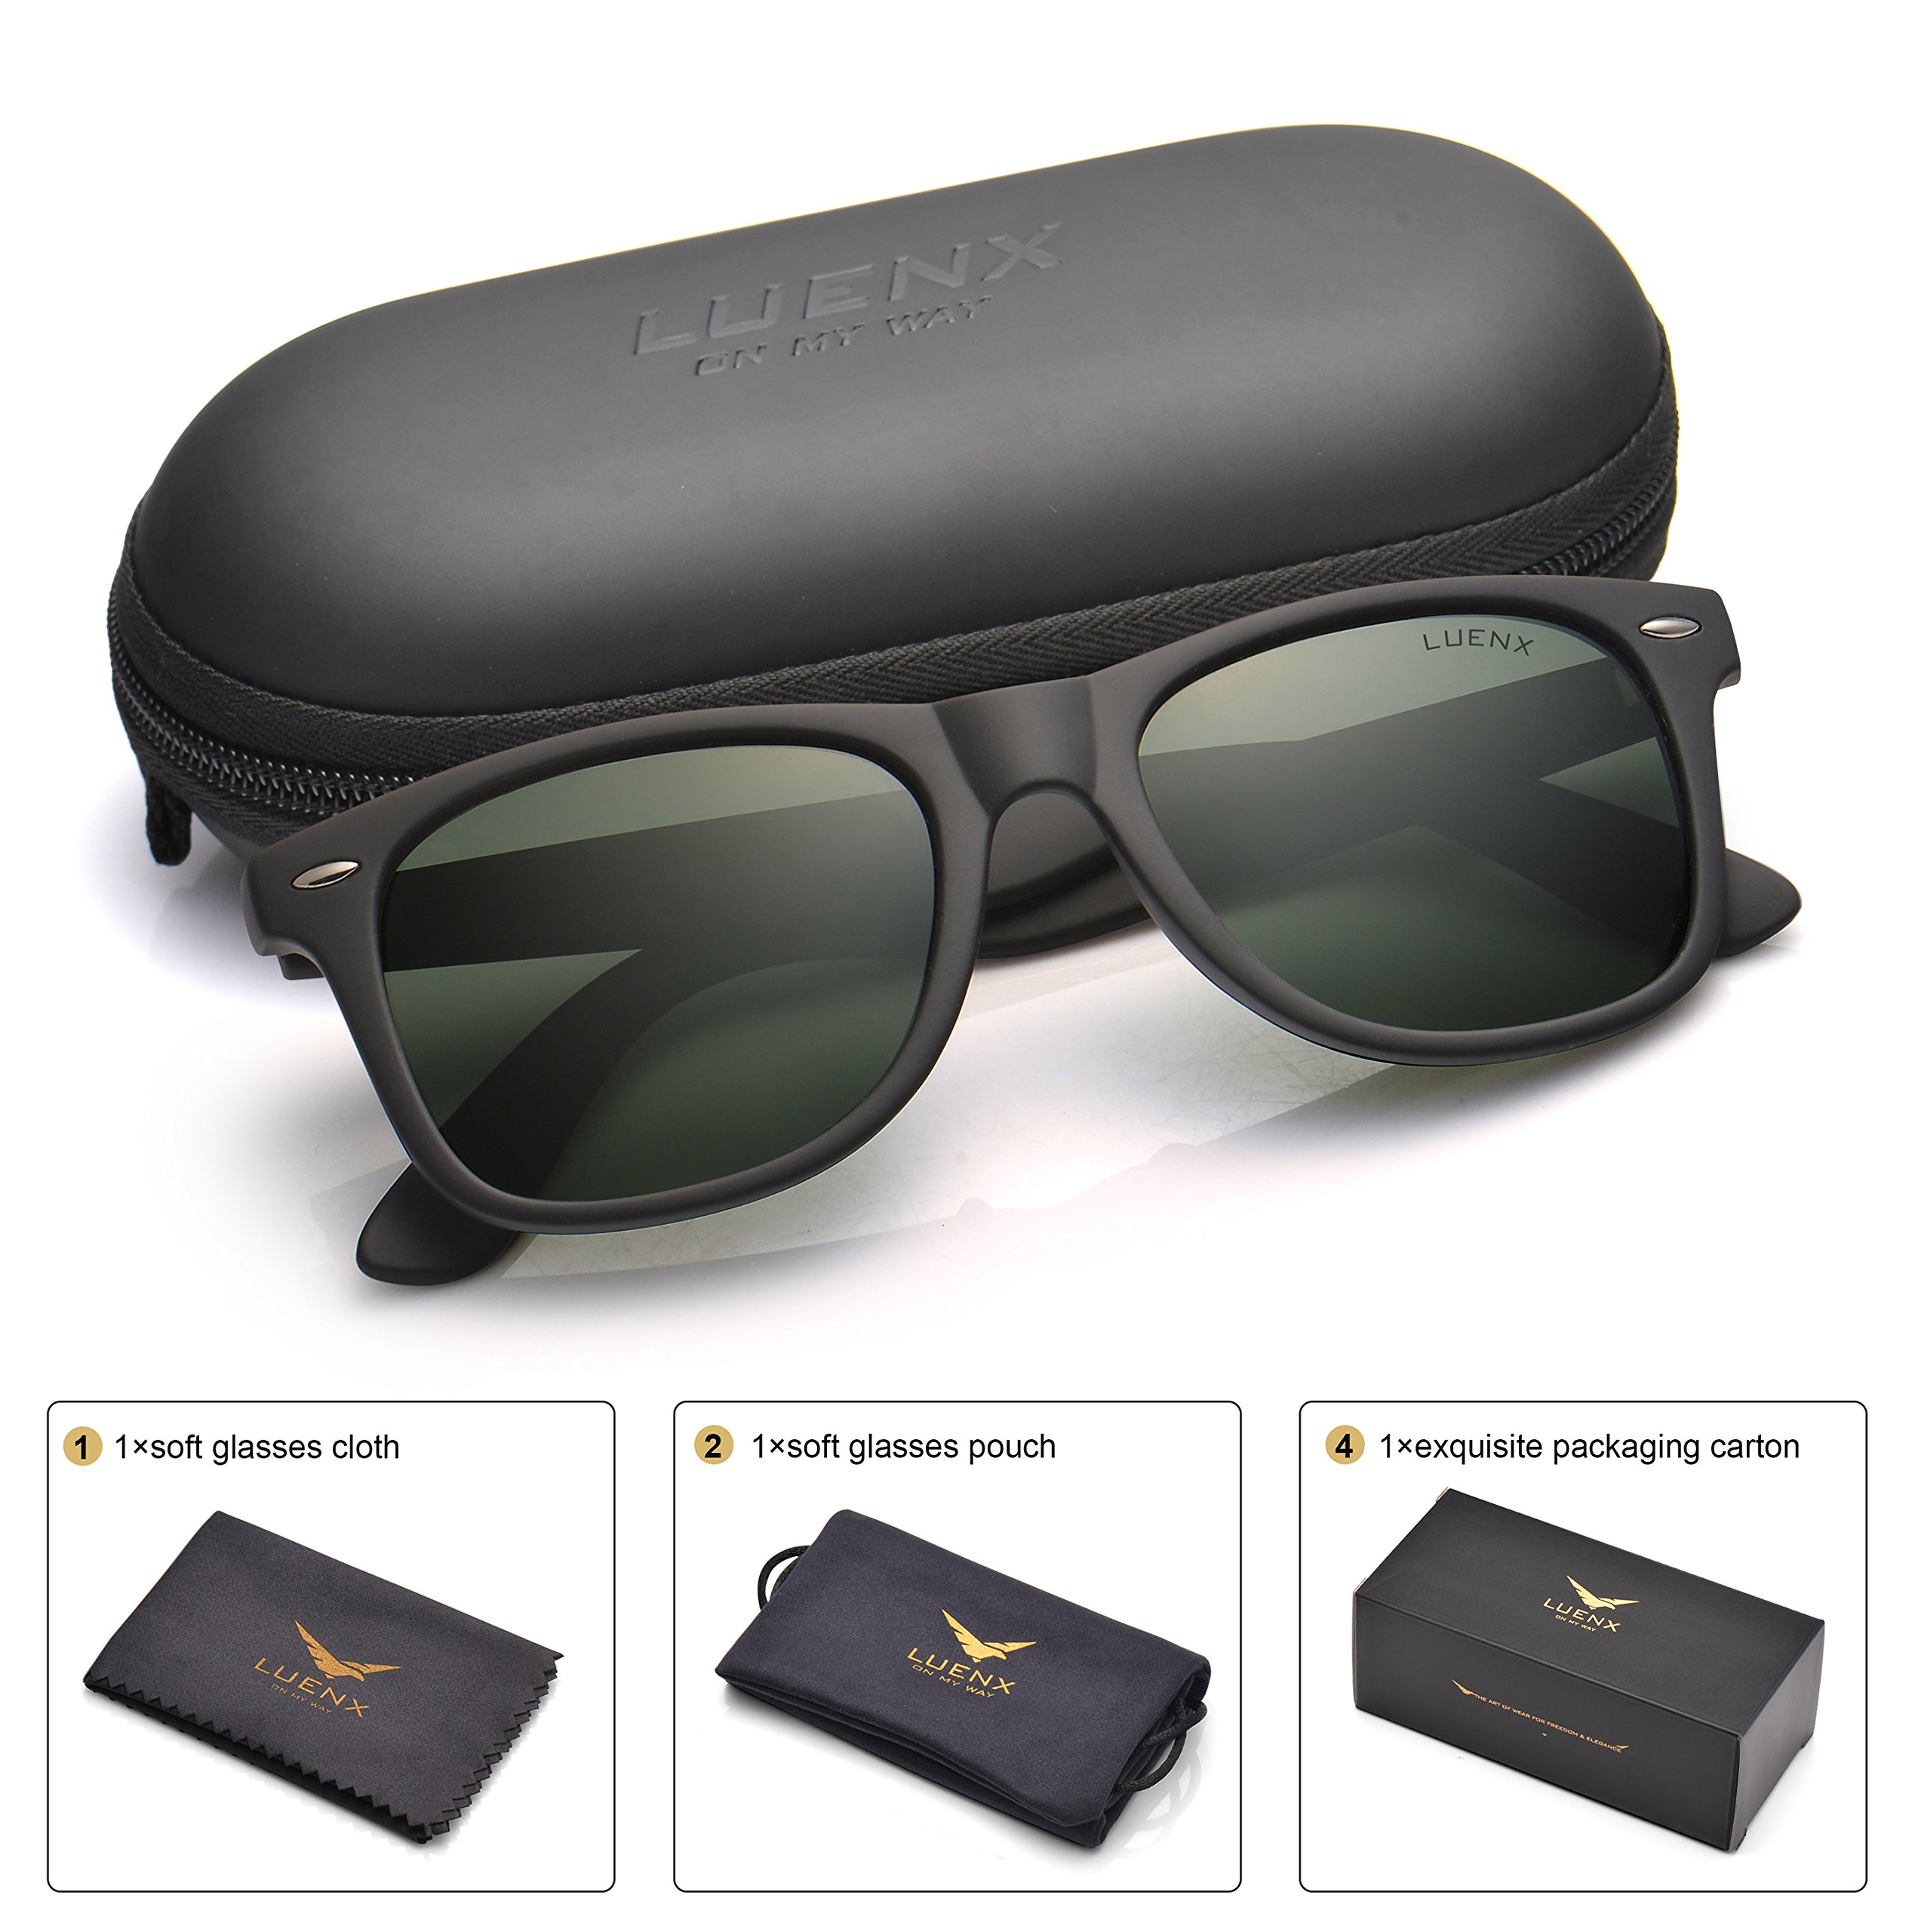 LUENX Mens Wayfarer Polarized Sunglasses for Womens UV 400 Protection Grey Green Lens Matte Black Frame 54MM